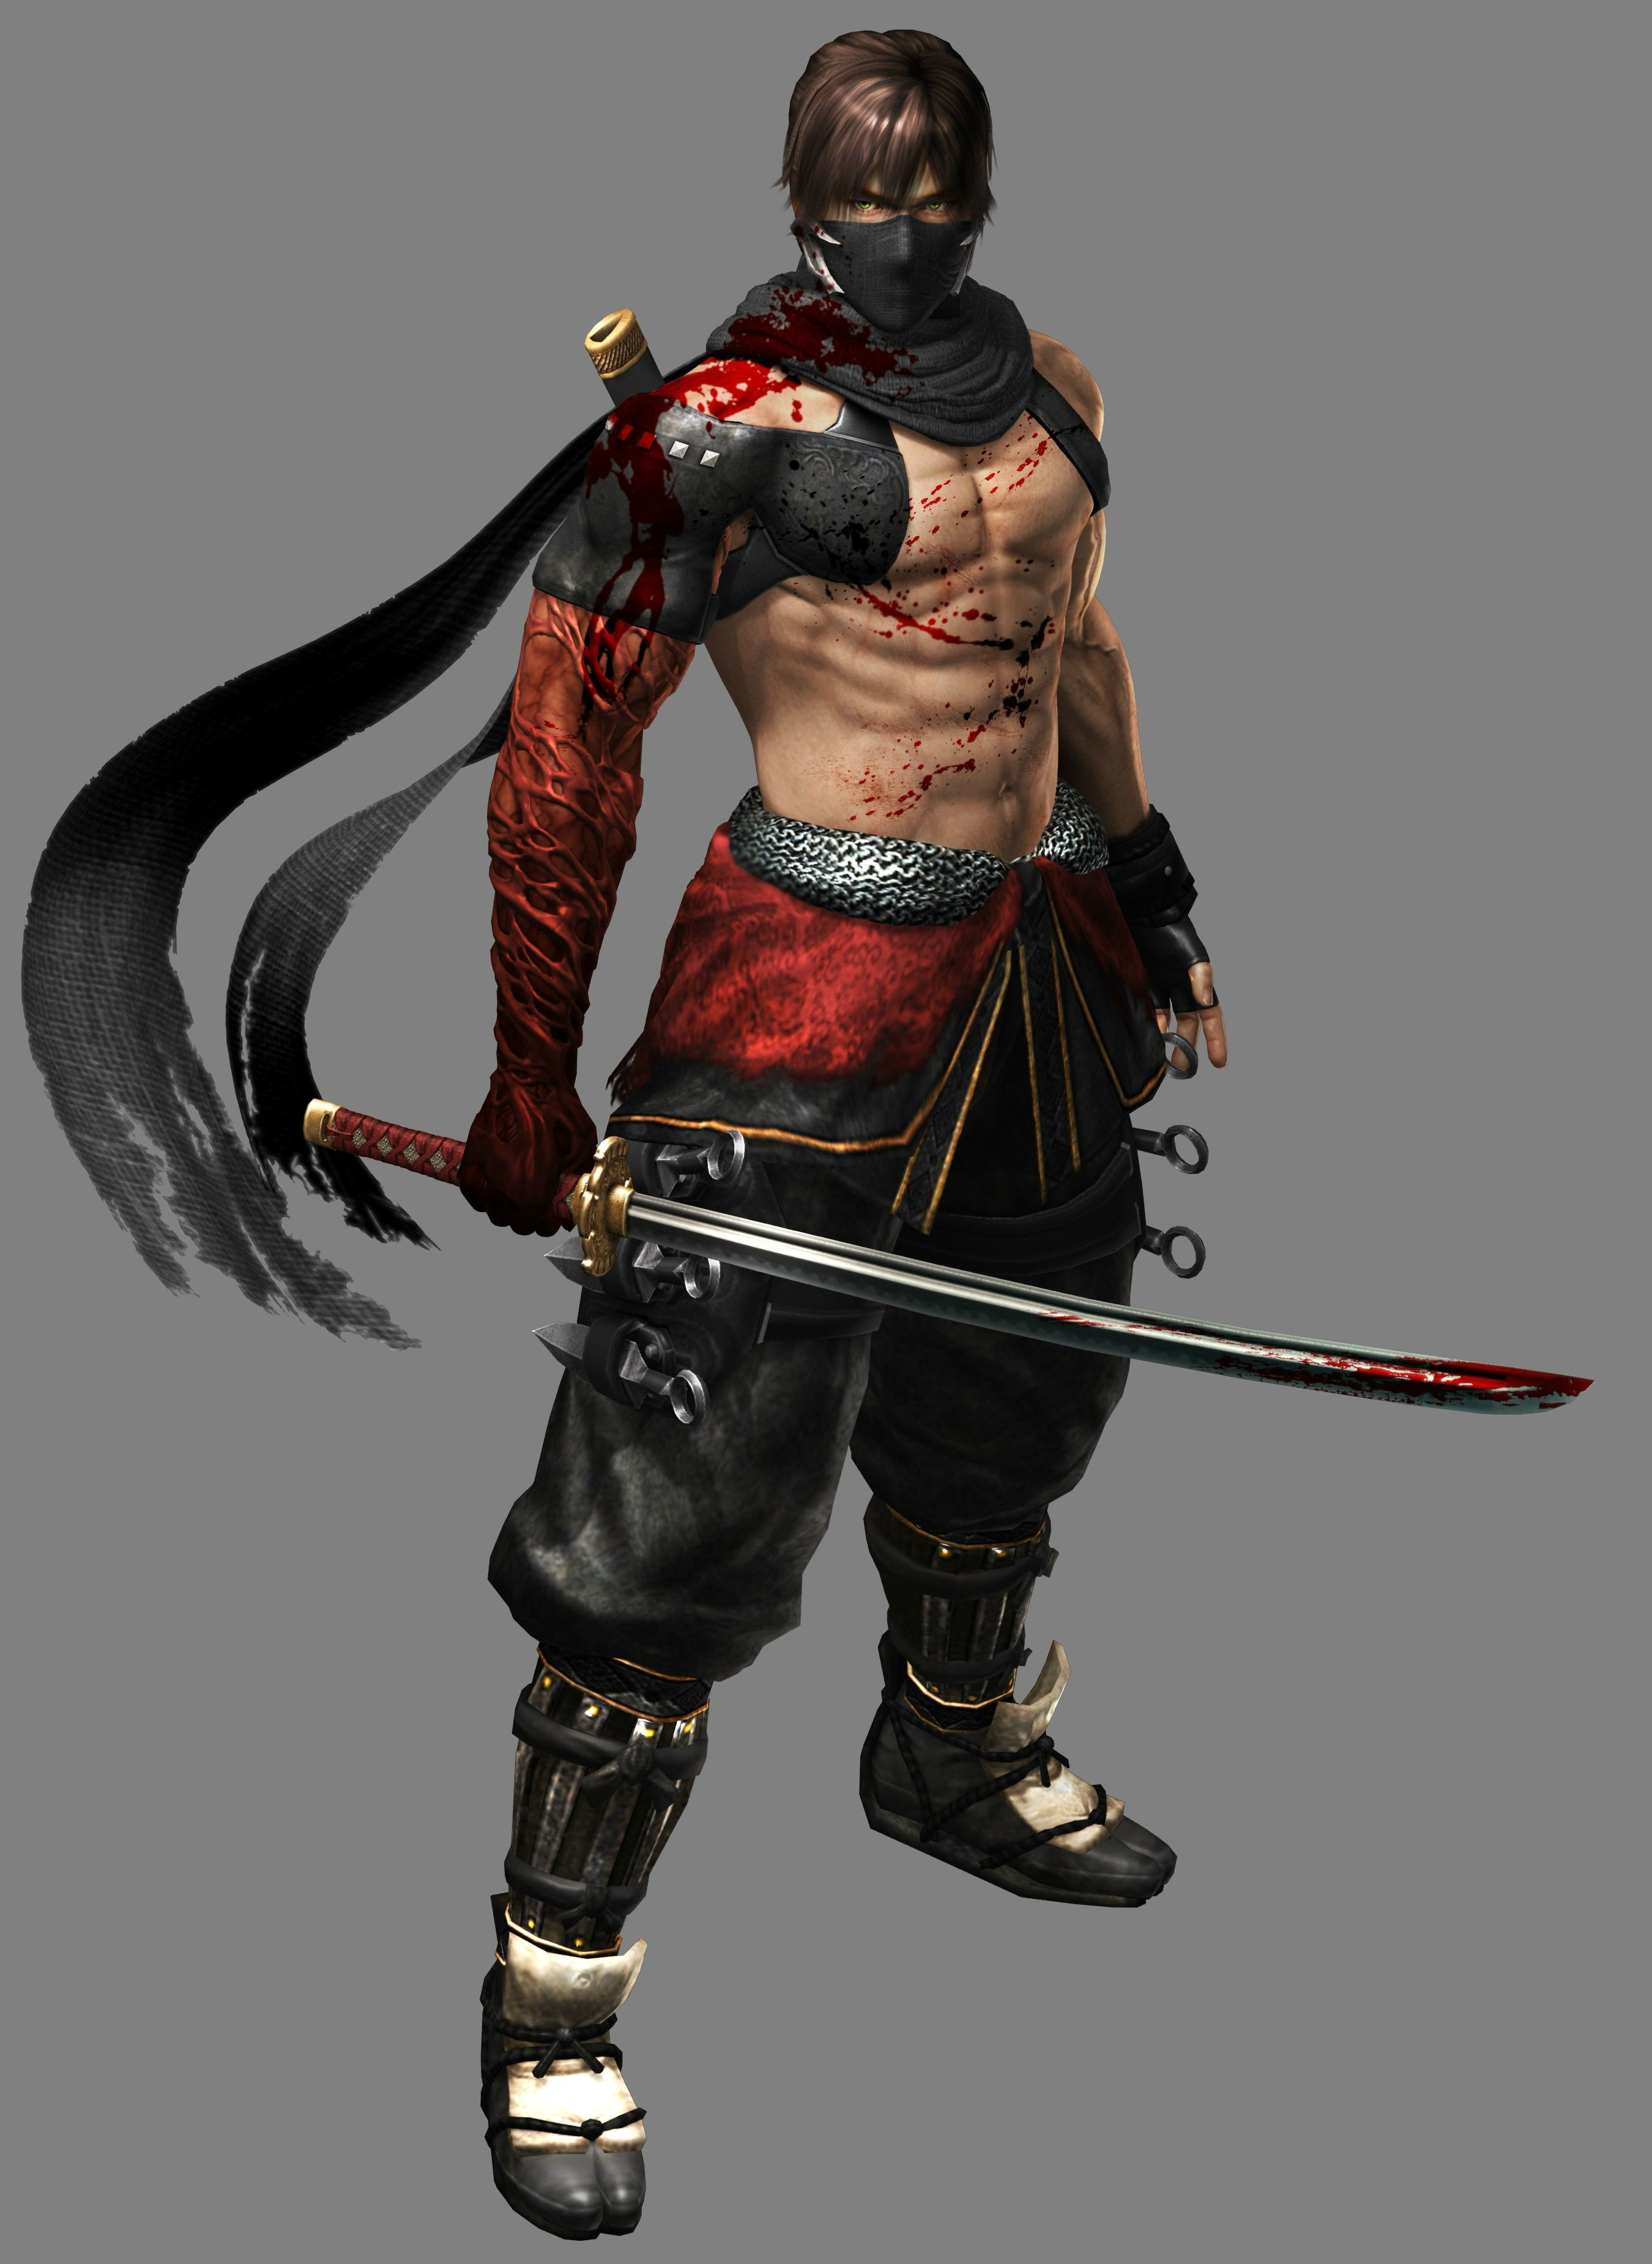 Games Movies Music Anime Ninja Gaiden 3 Razor's Edge